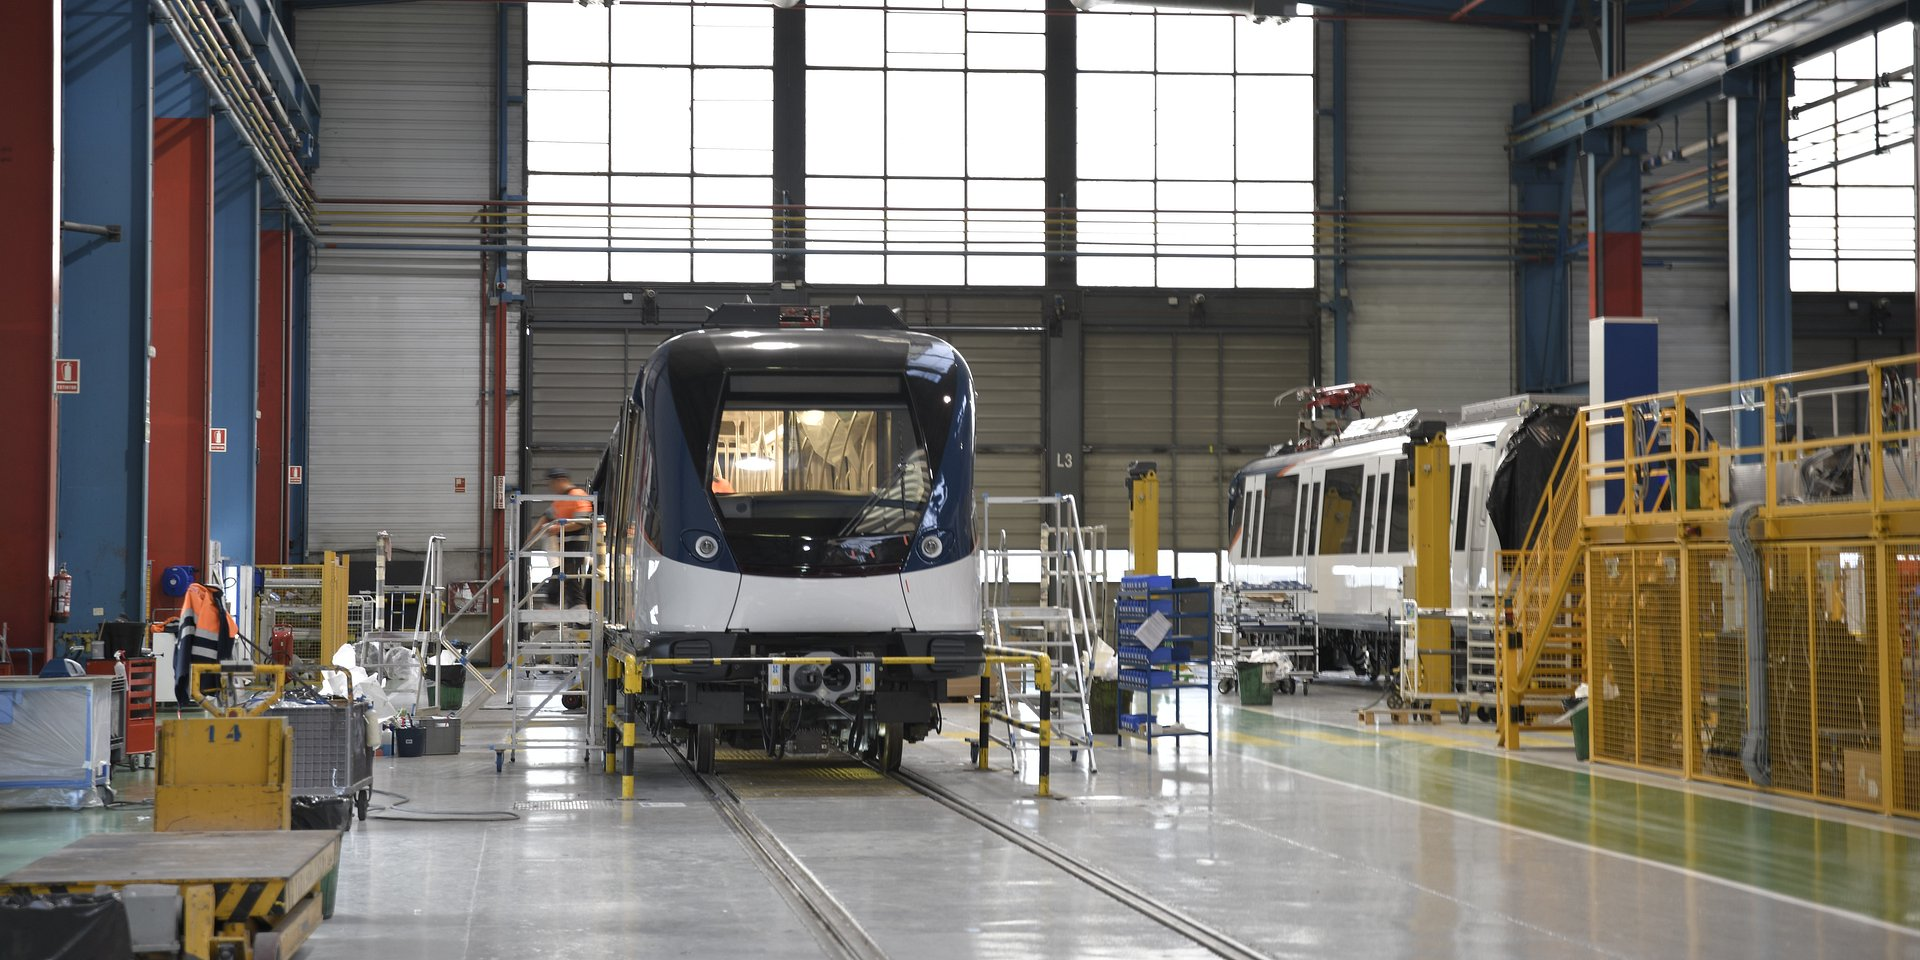 Oddano do eksploatacji innowacyjne rozwiązania Alstomu przeznaczone dla drugiej linii metra w Panamie